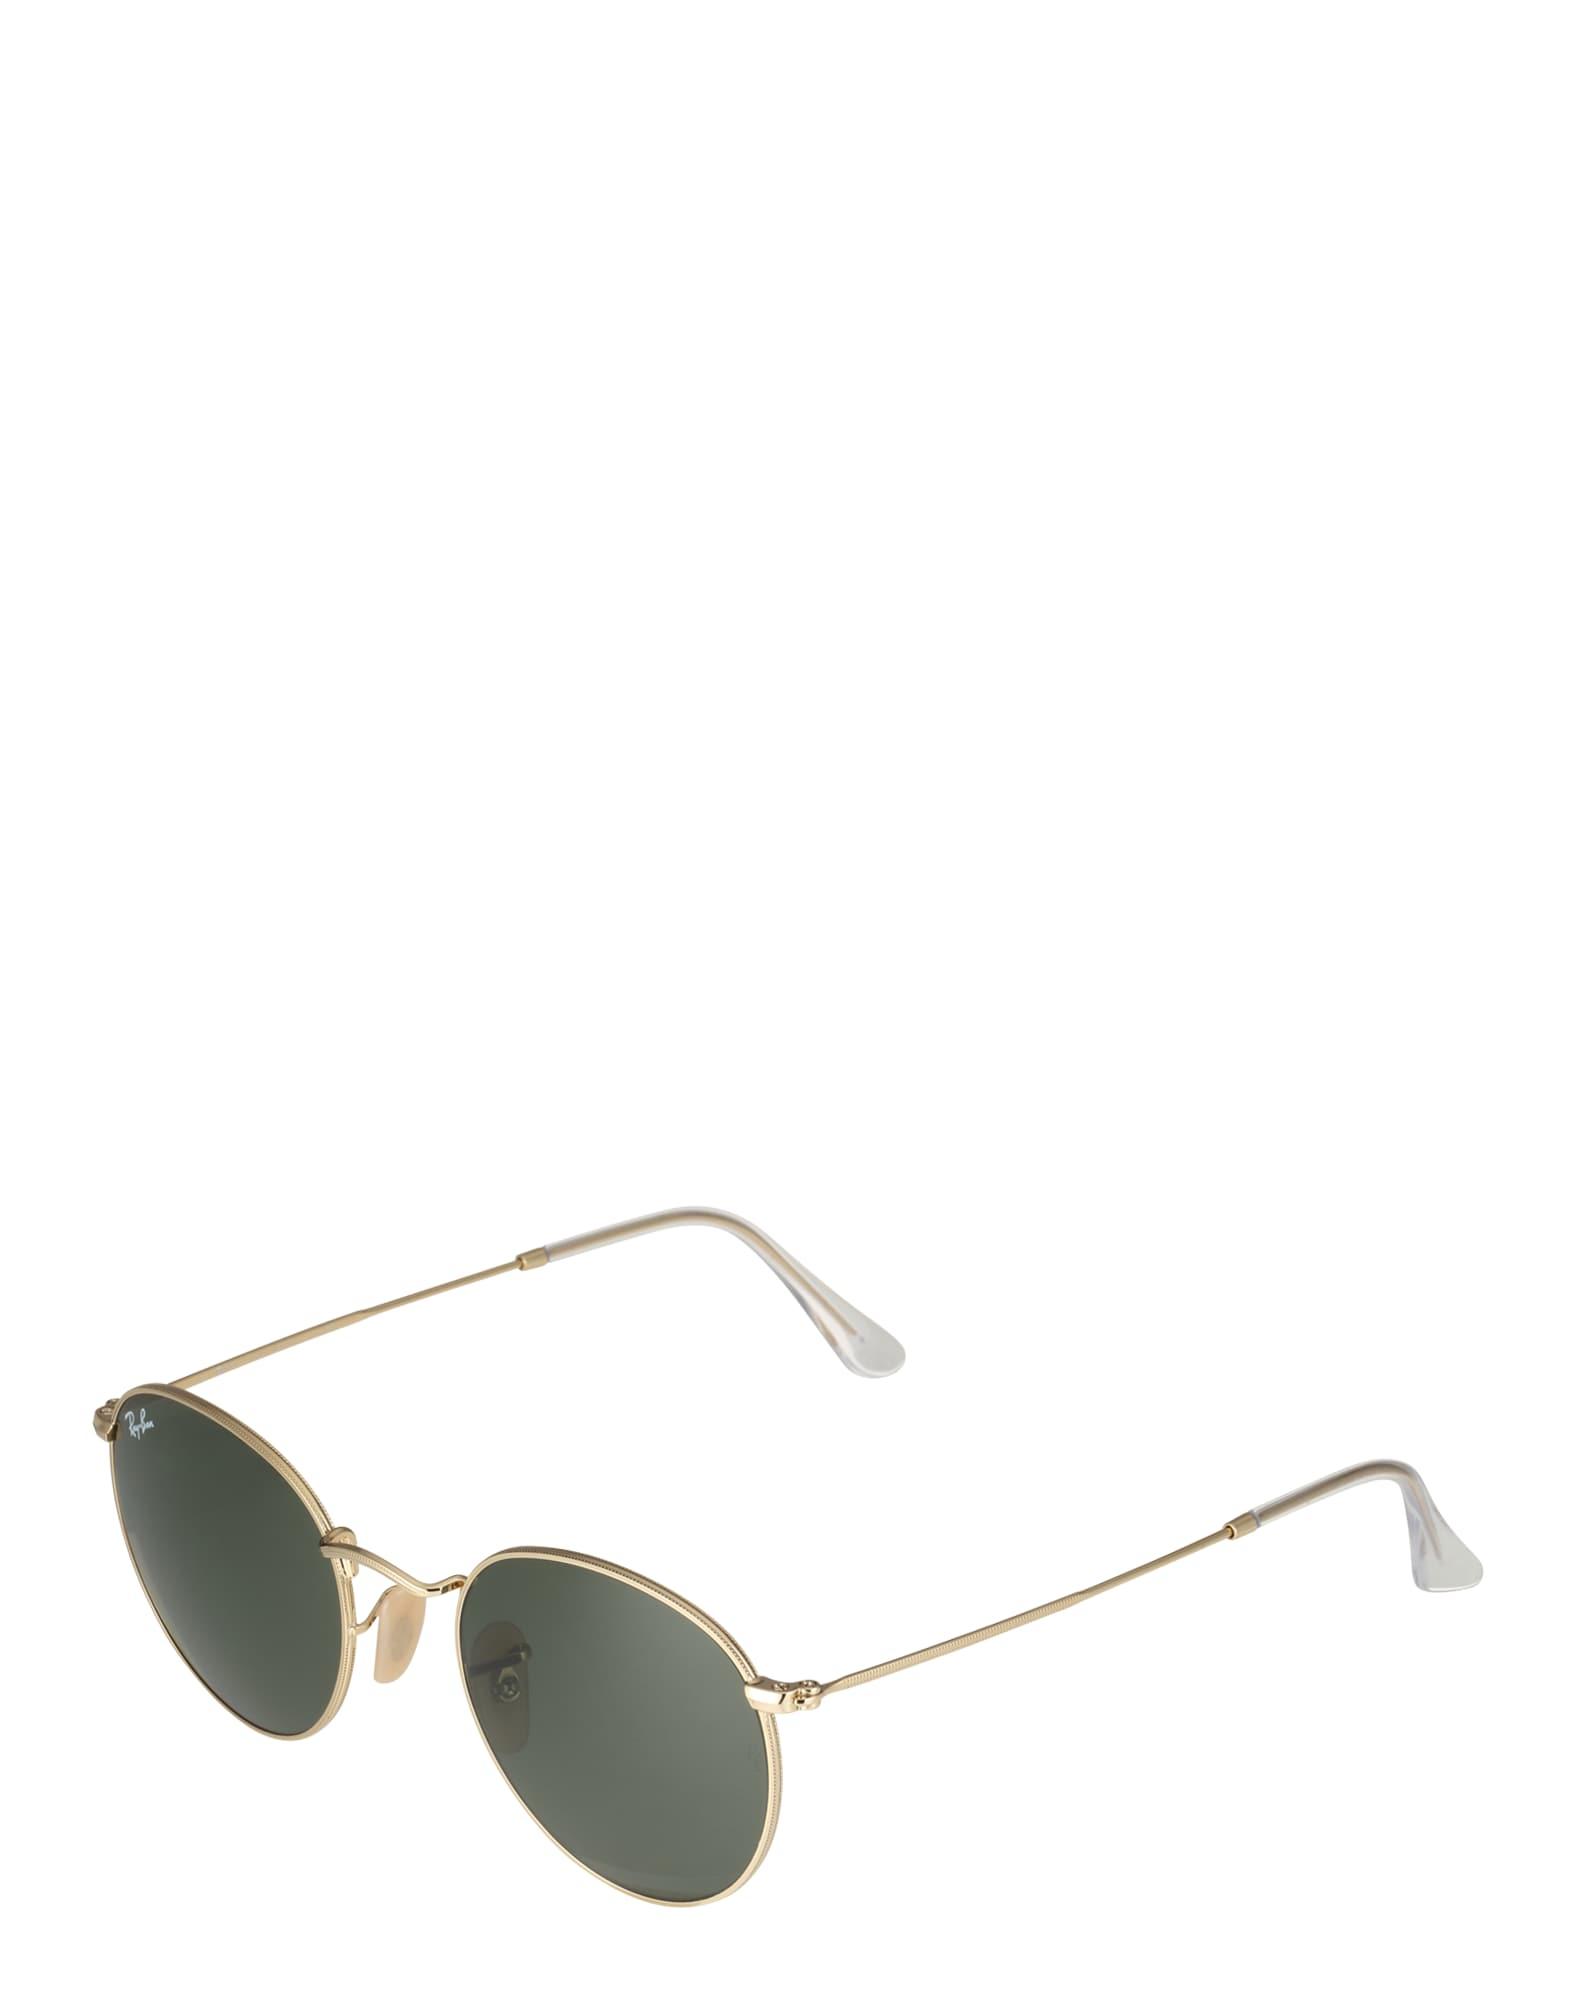 Sluneční brýle Round metal zlatá tmavě zelená Ray-Ban